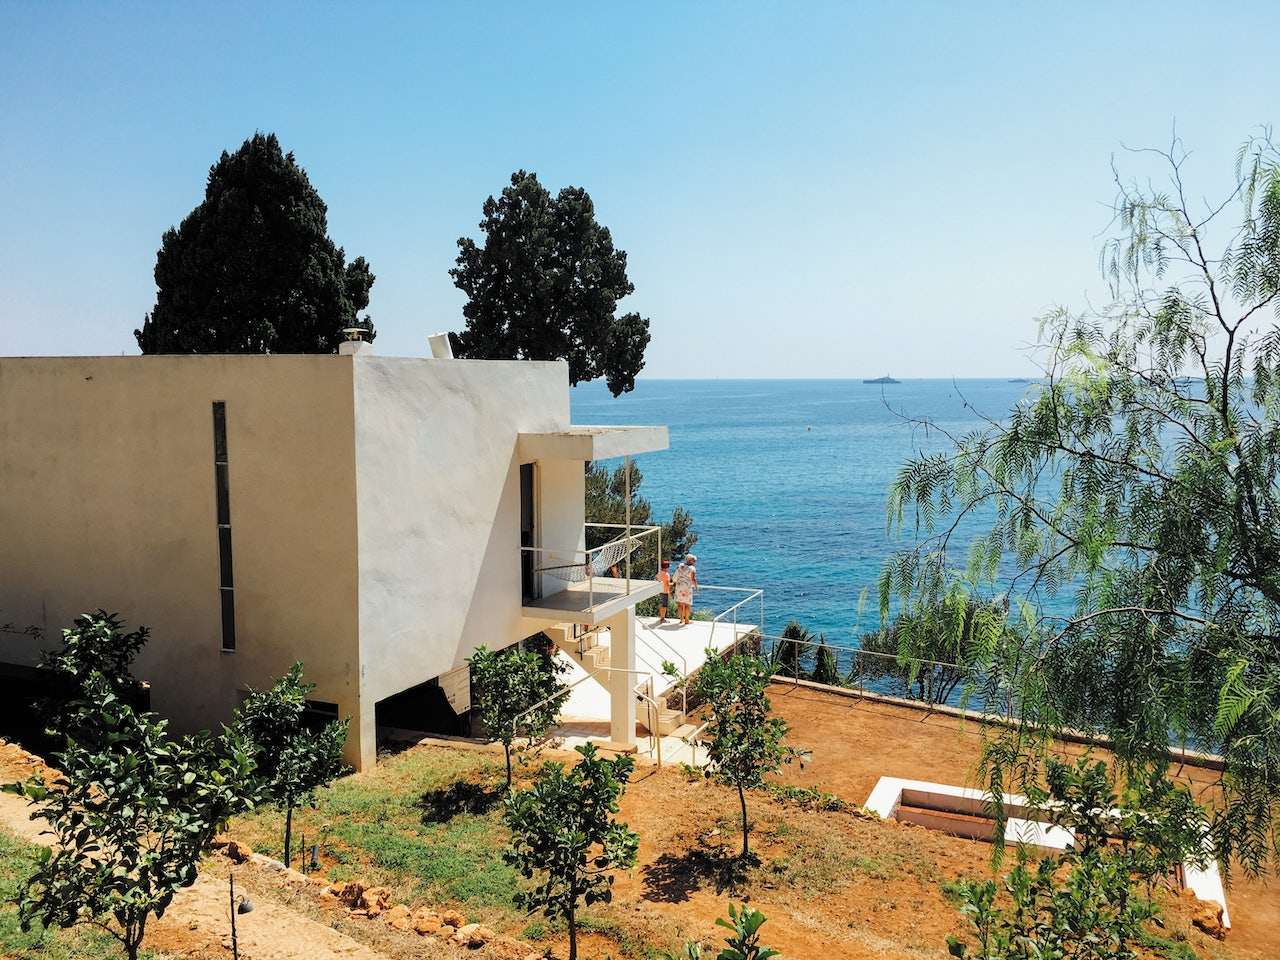 Villa E-1207 with a view over the ocean